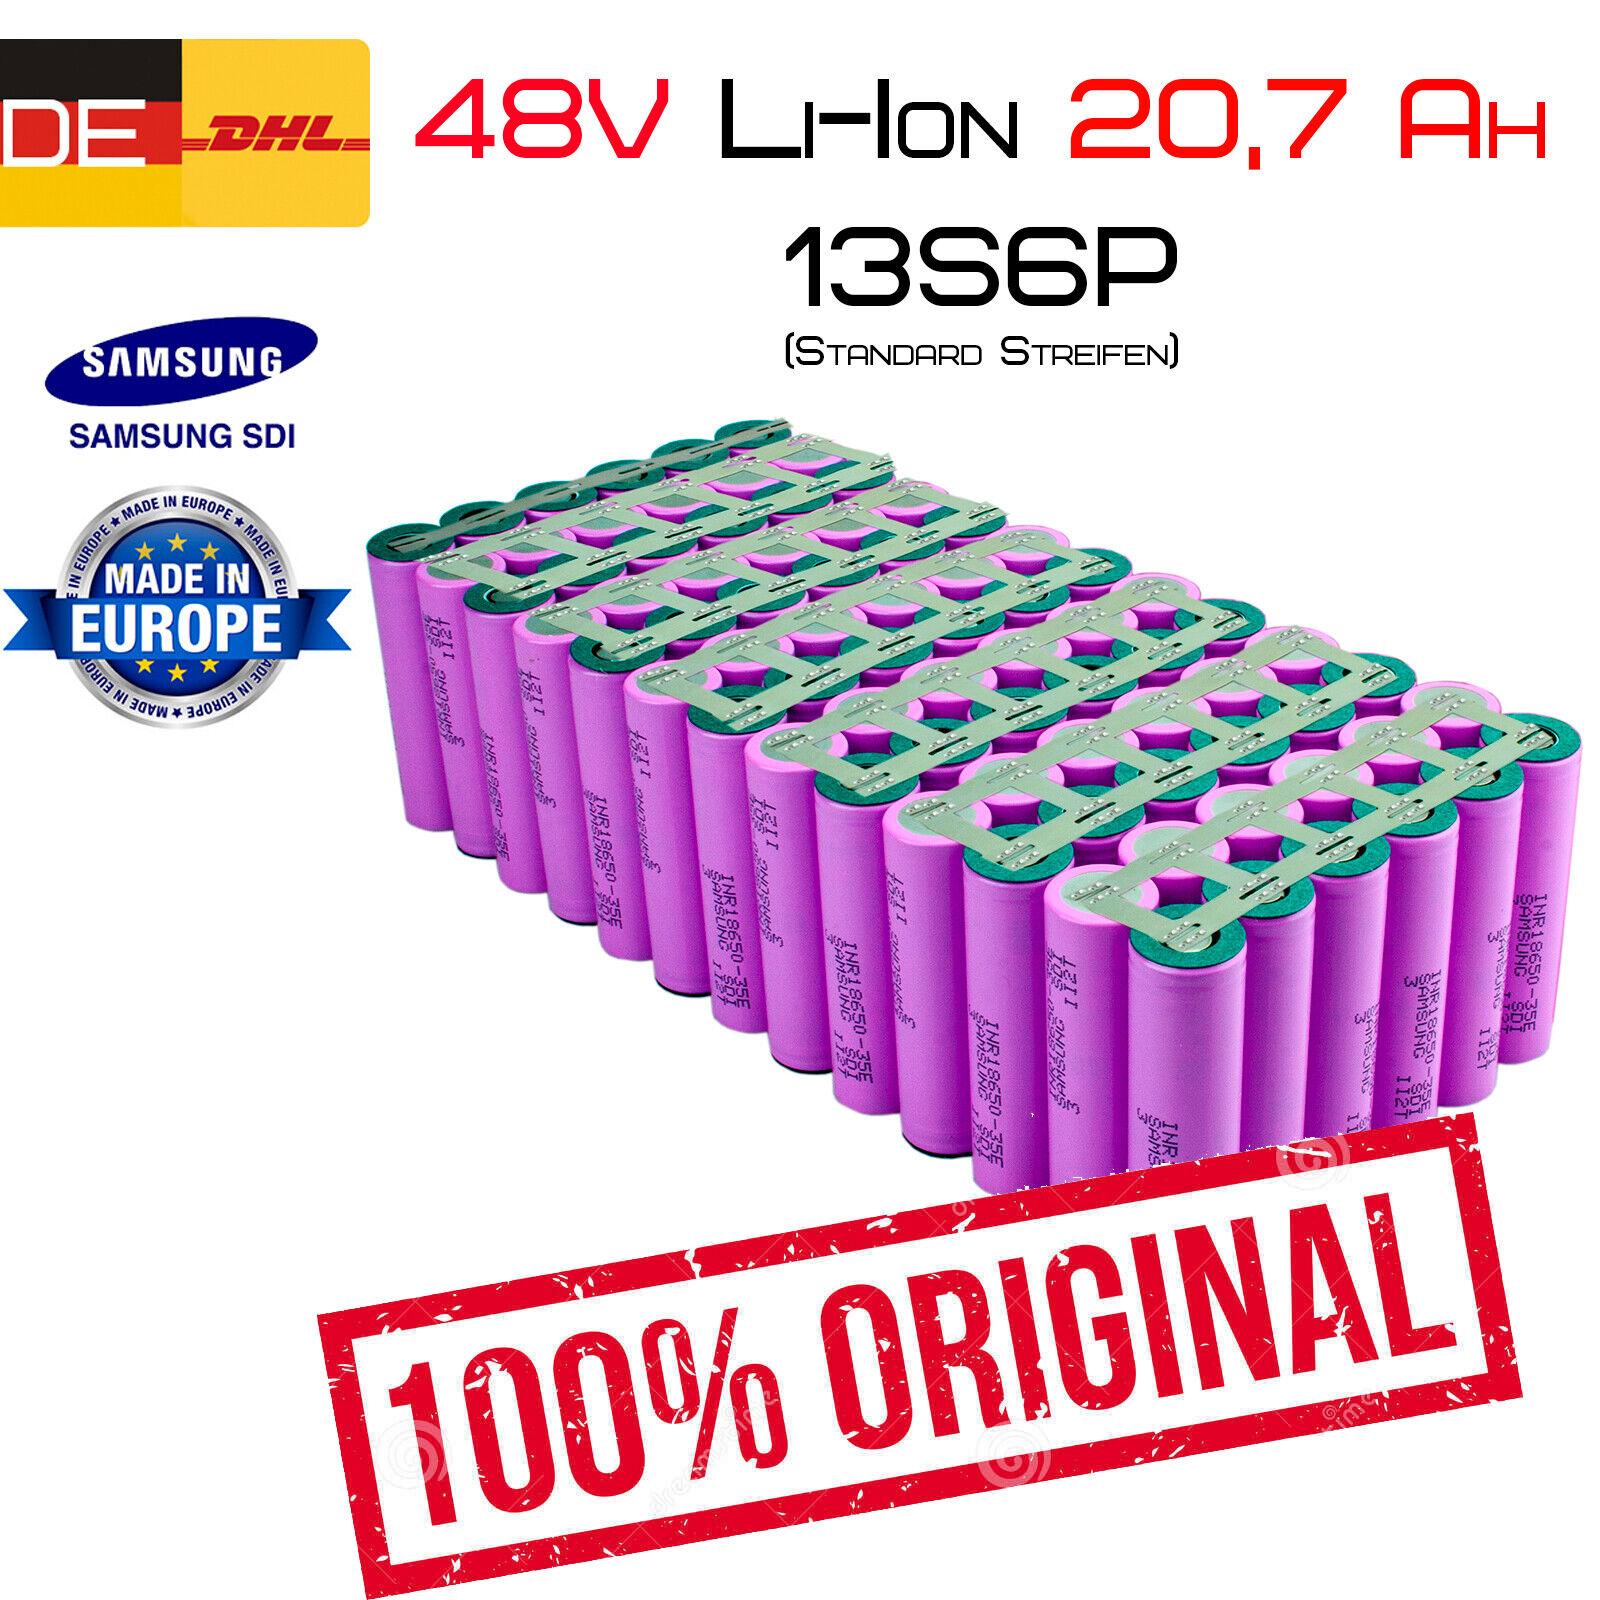 48v 20,70ah Li-ion conjuntos de baterías   13s6p   Samsung inr18650-35e